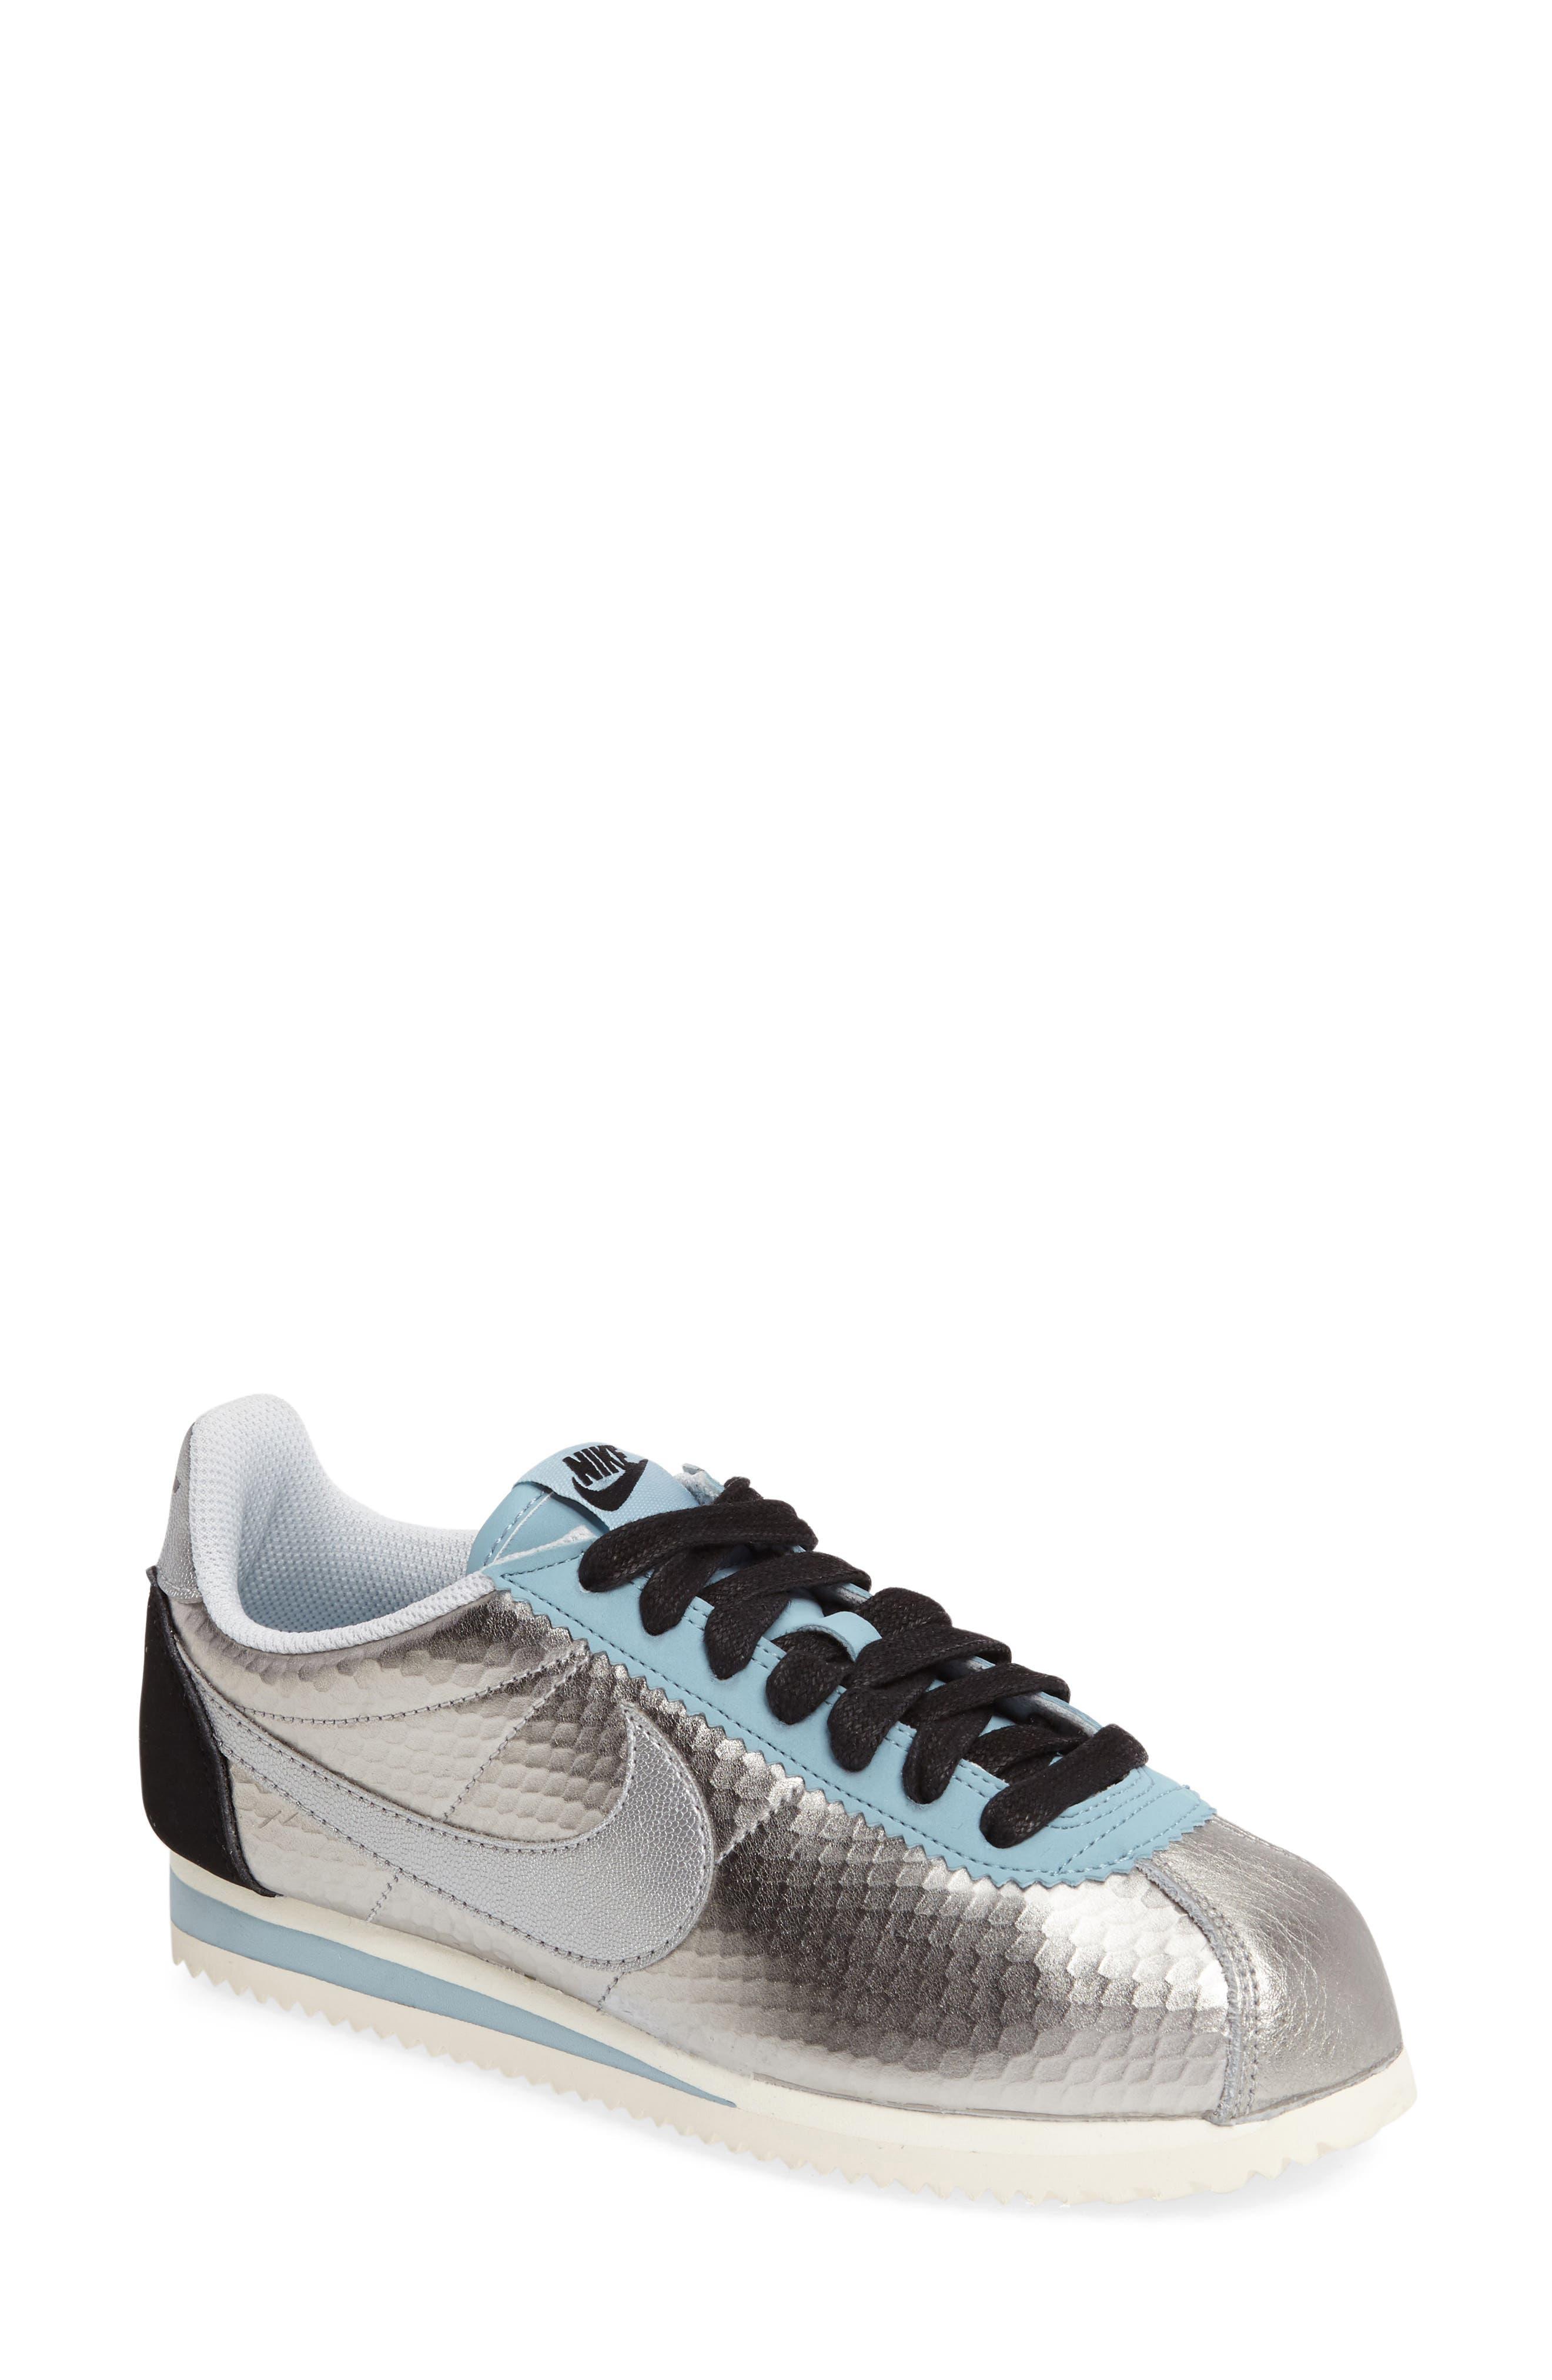 Main Image - Nike Classic Cortez Sneaker (Women)